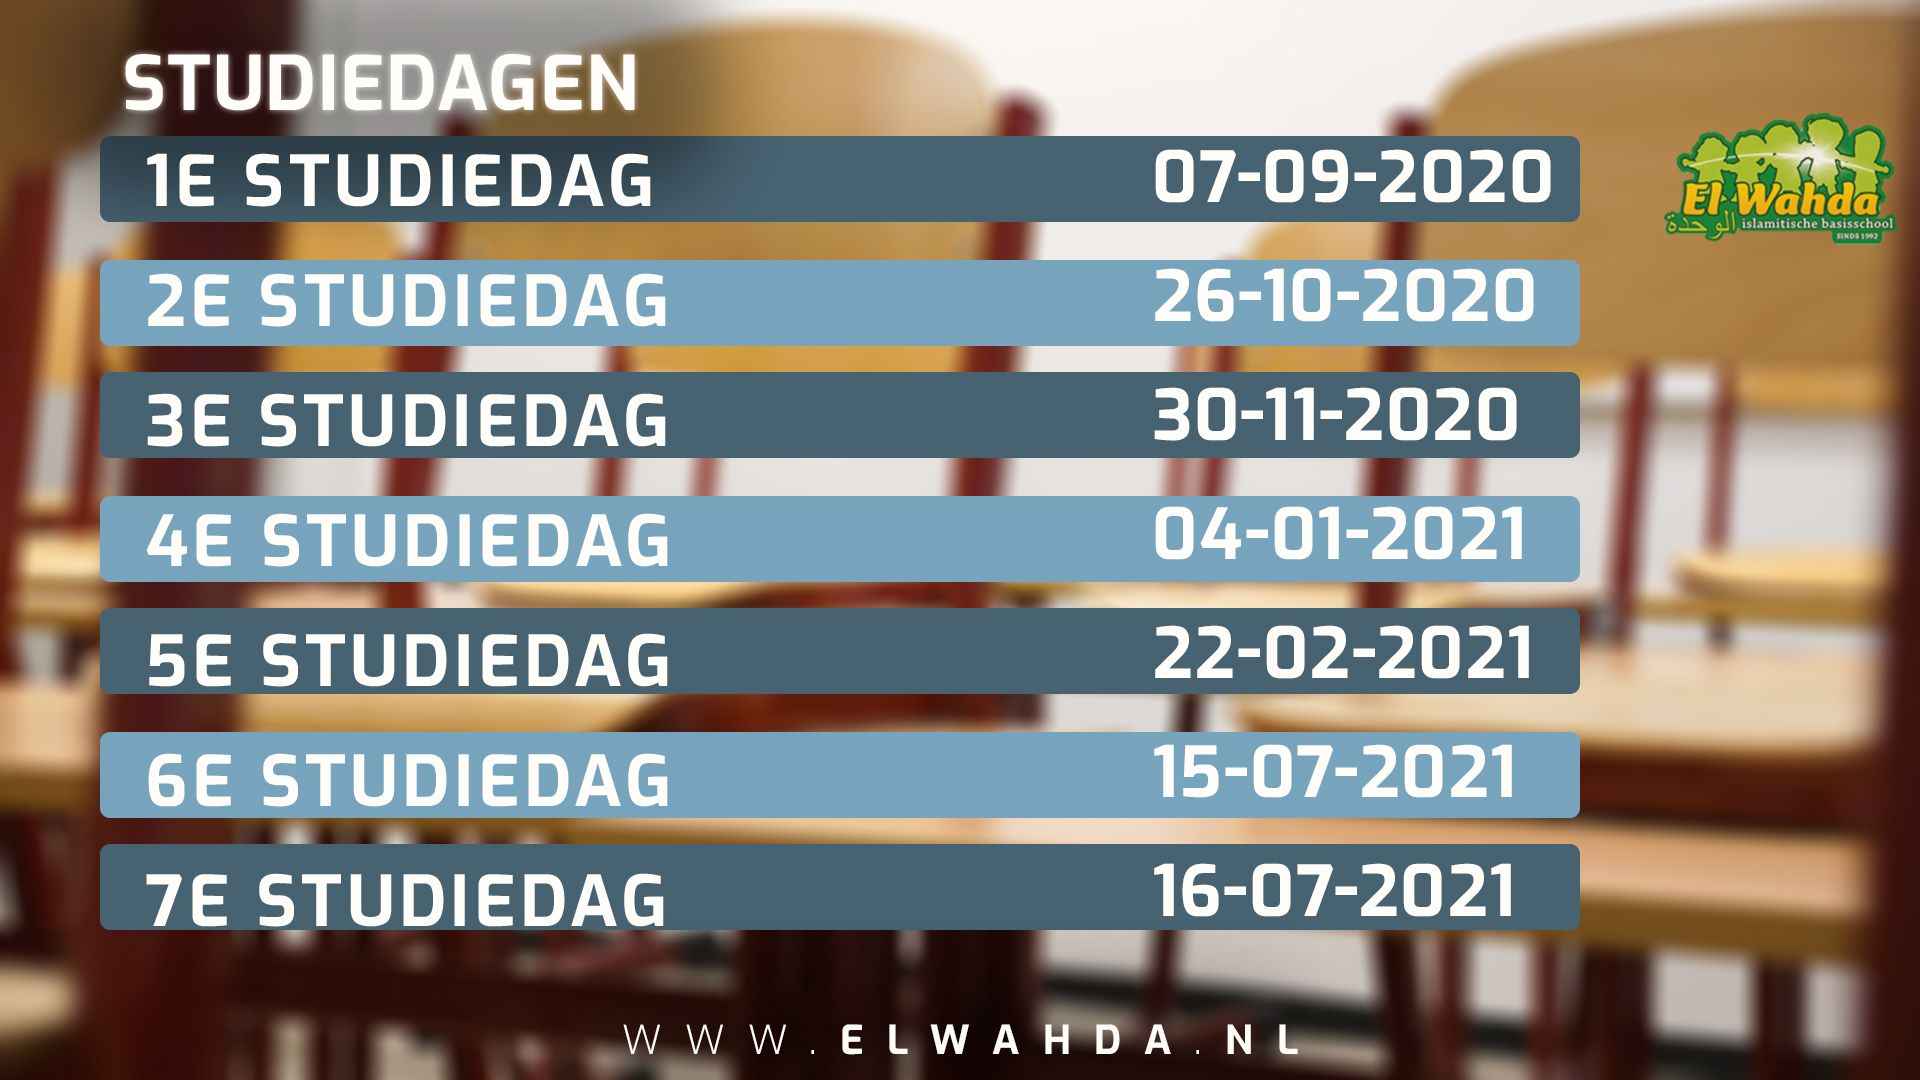 Studiedagen 2020 2021 el Wahda Heerlen